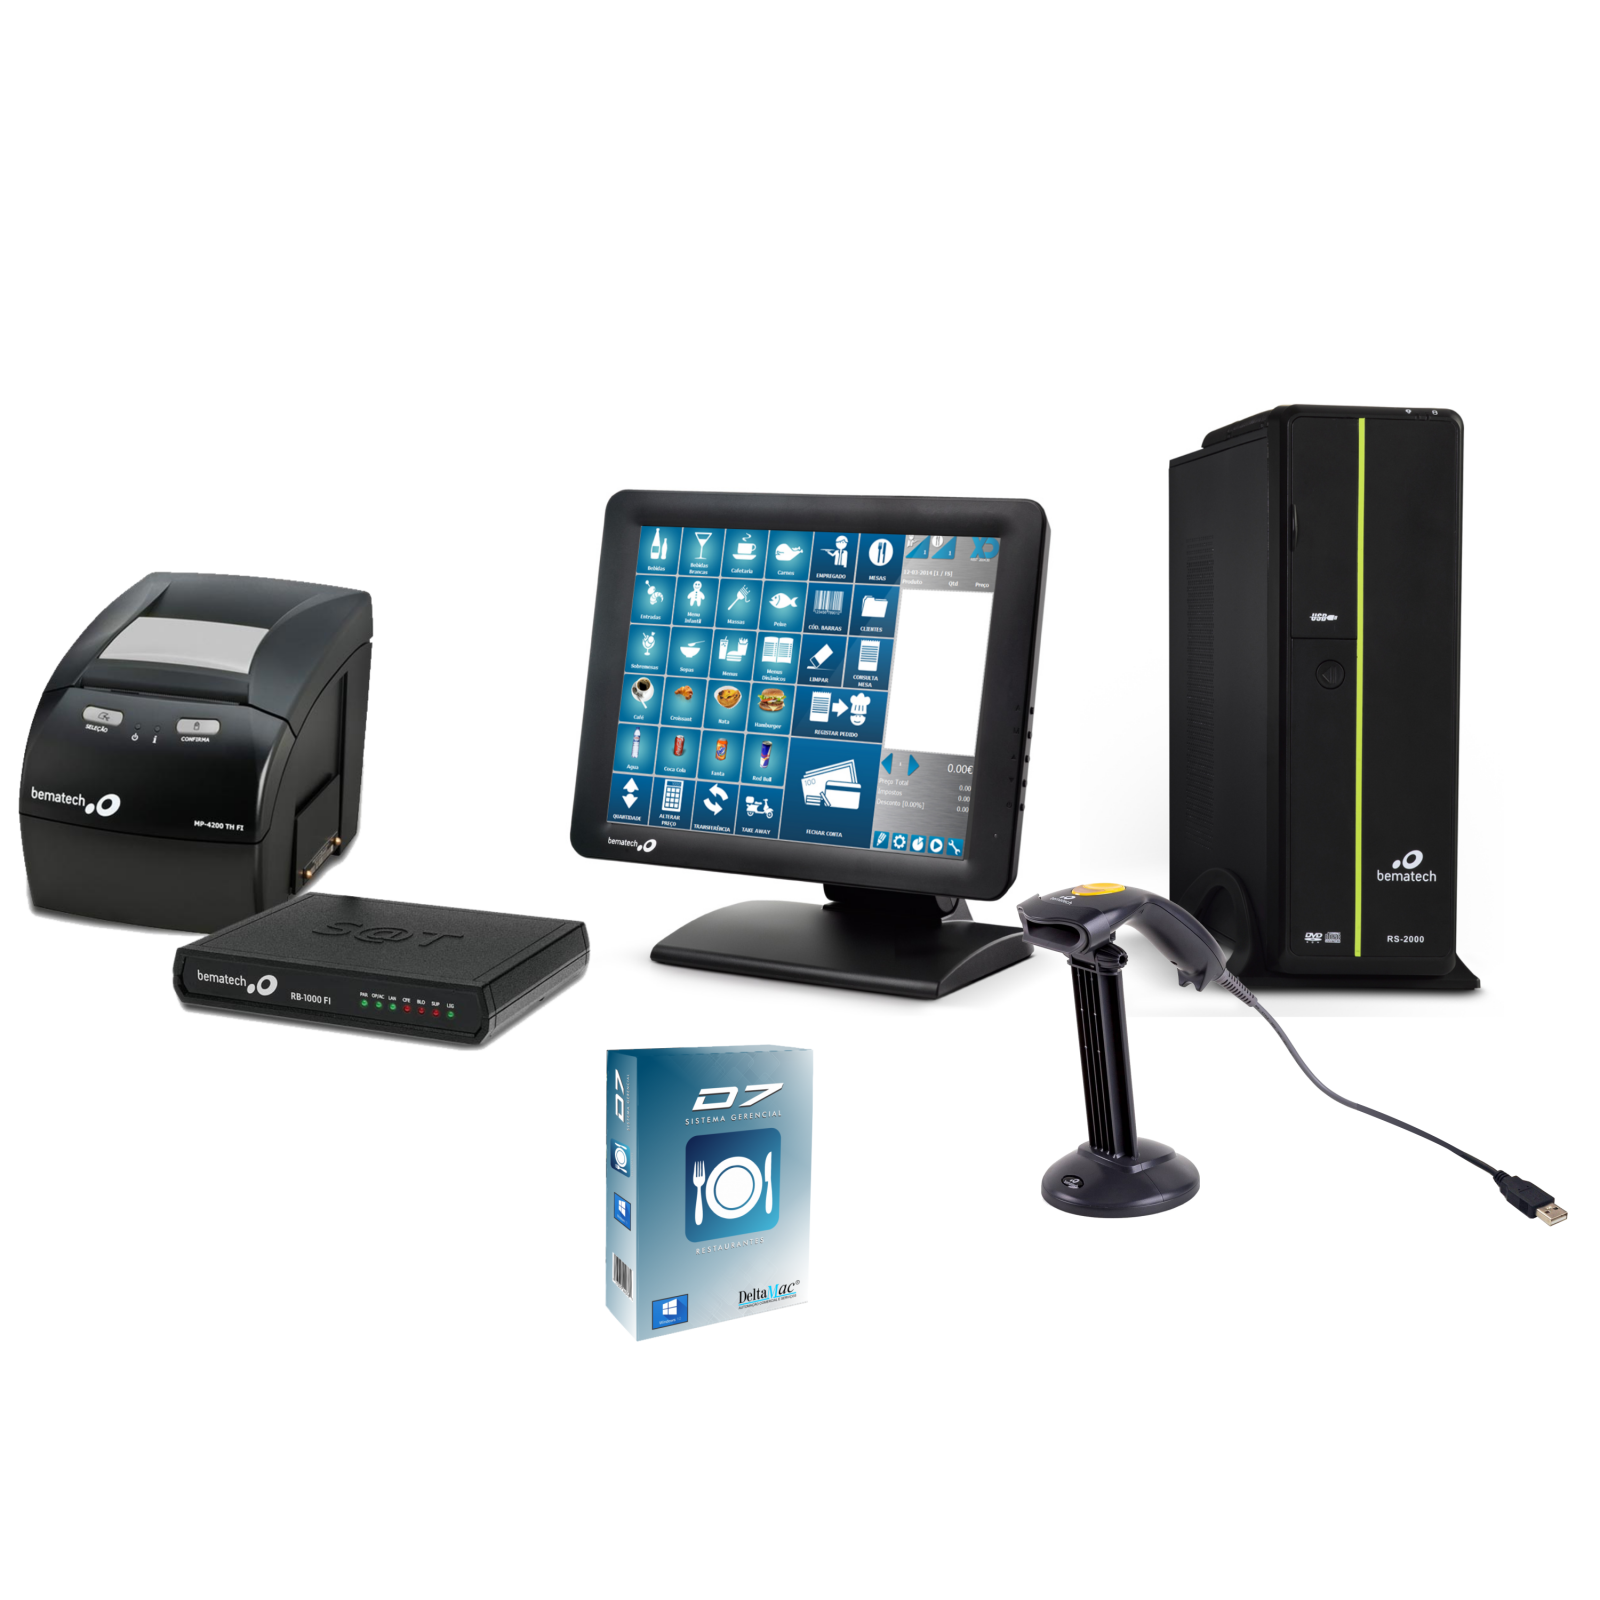 Kit Automação Comercial Tela Touch + Kit Sat + Software D7